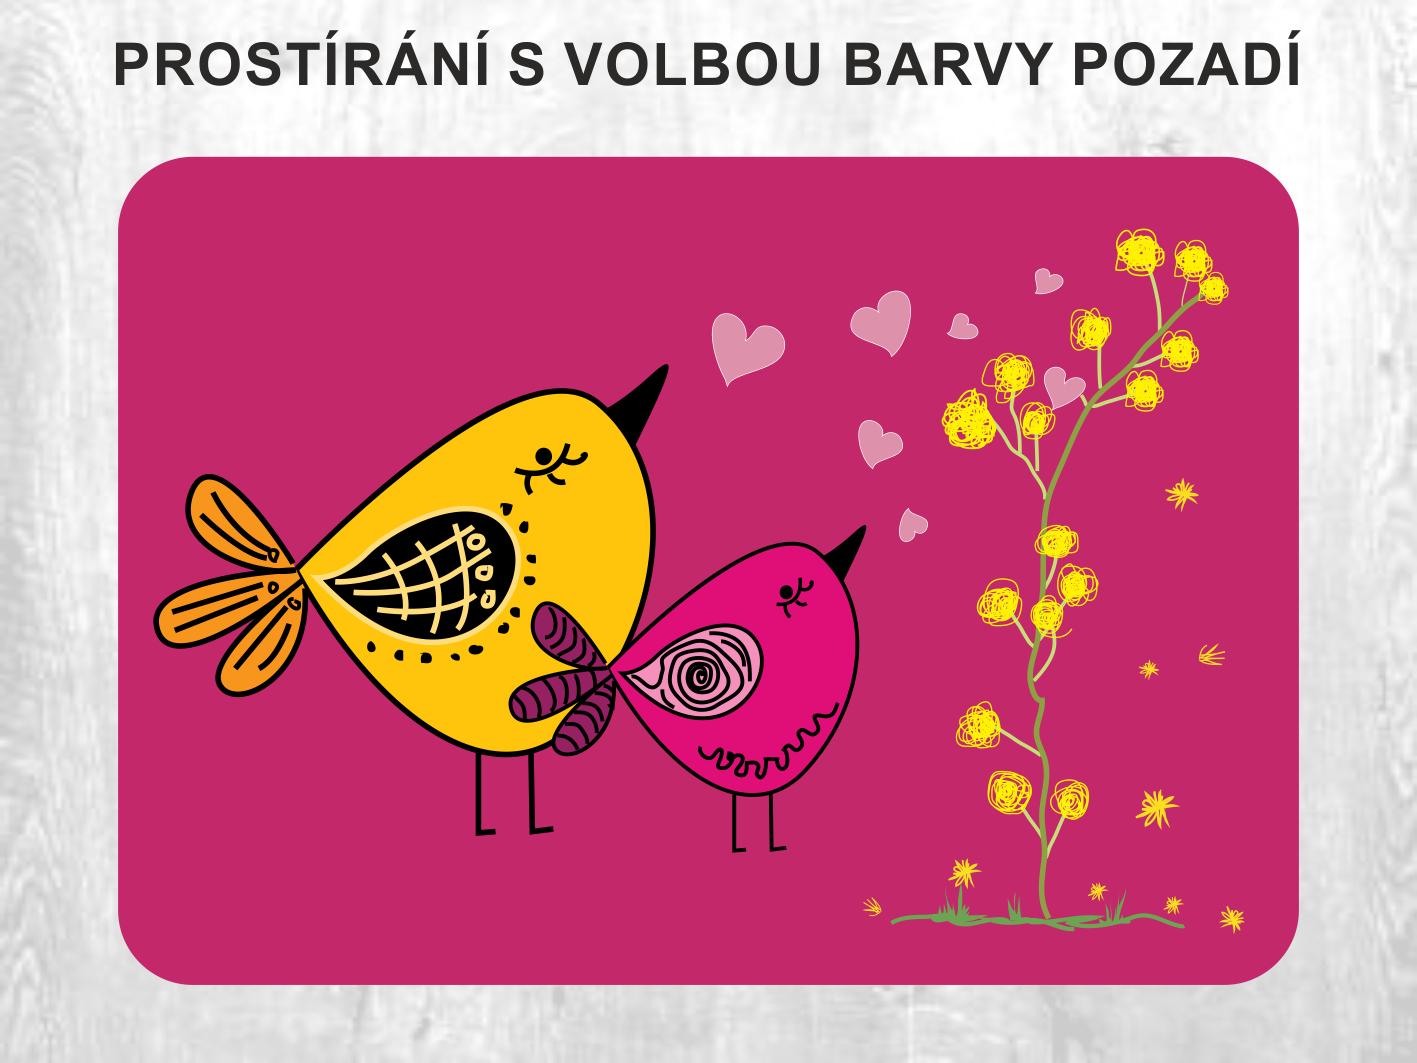 Prostírání; Valentýnské prostírání na stůl; Valentýn; Svátek zamilovaných; Dárek na valentýna; Laying; Valentine table set; Valentine's day; Valentine's day; Valentine's Day gift;  Prestieranie; Valentínske prestieranie na stôl; Valentín; Sviatok zamilovaných; Darček na valentína